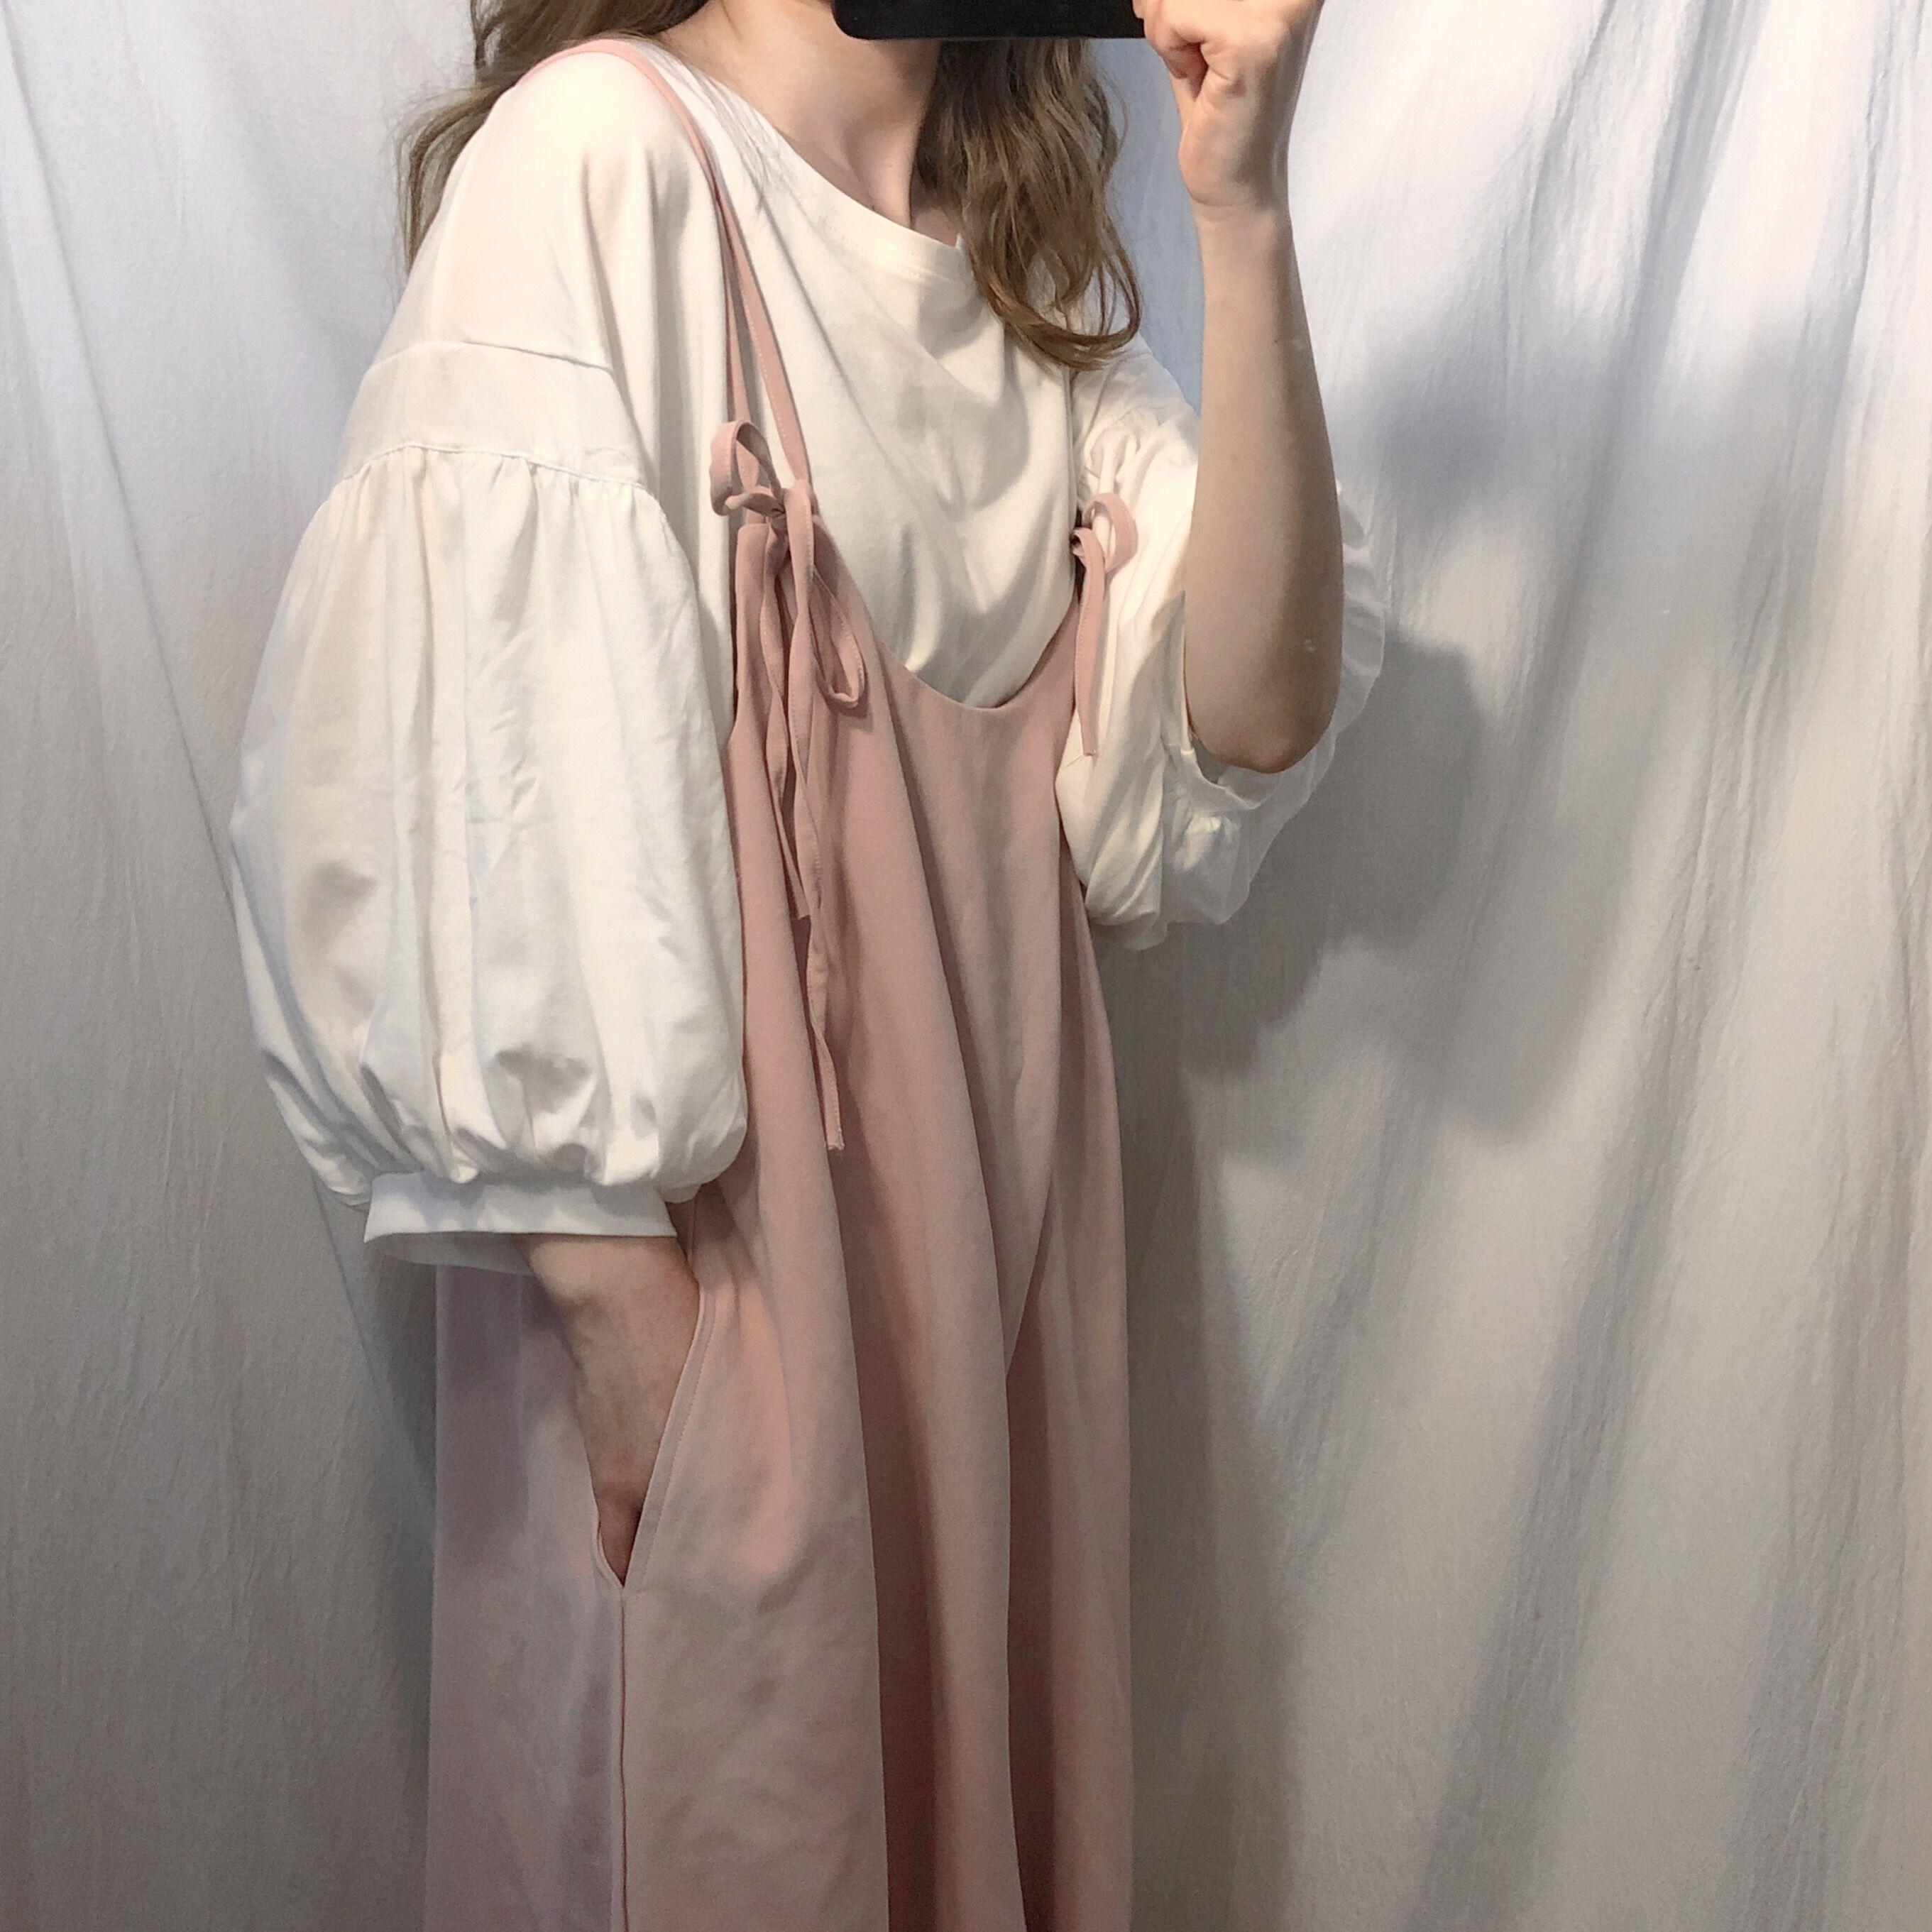 11-30新券套装裙女夏季2019新款潮洋气减龄韩版吊带裙子网红气质两件套俏皮